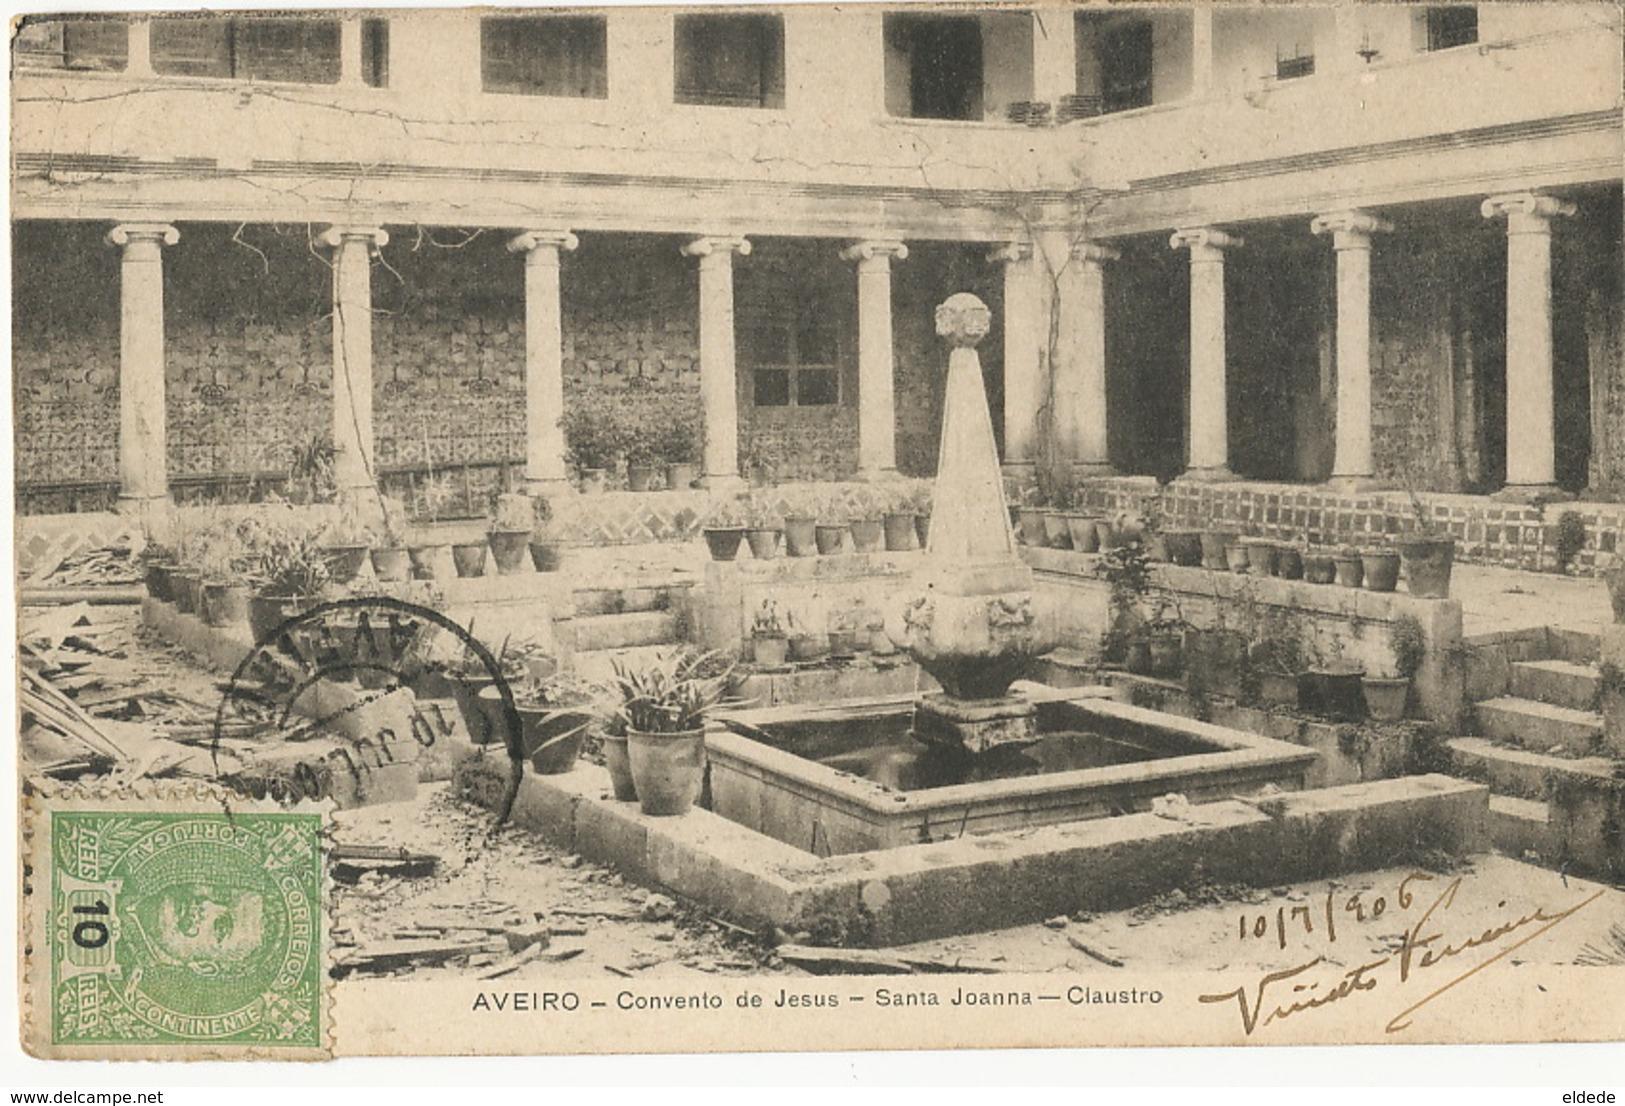 Aveiro Convento De Jesus Santa Joanna Claustro - Aveiro